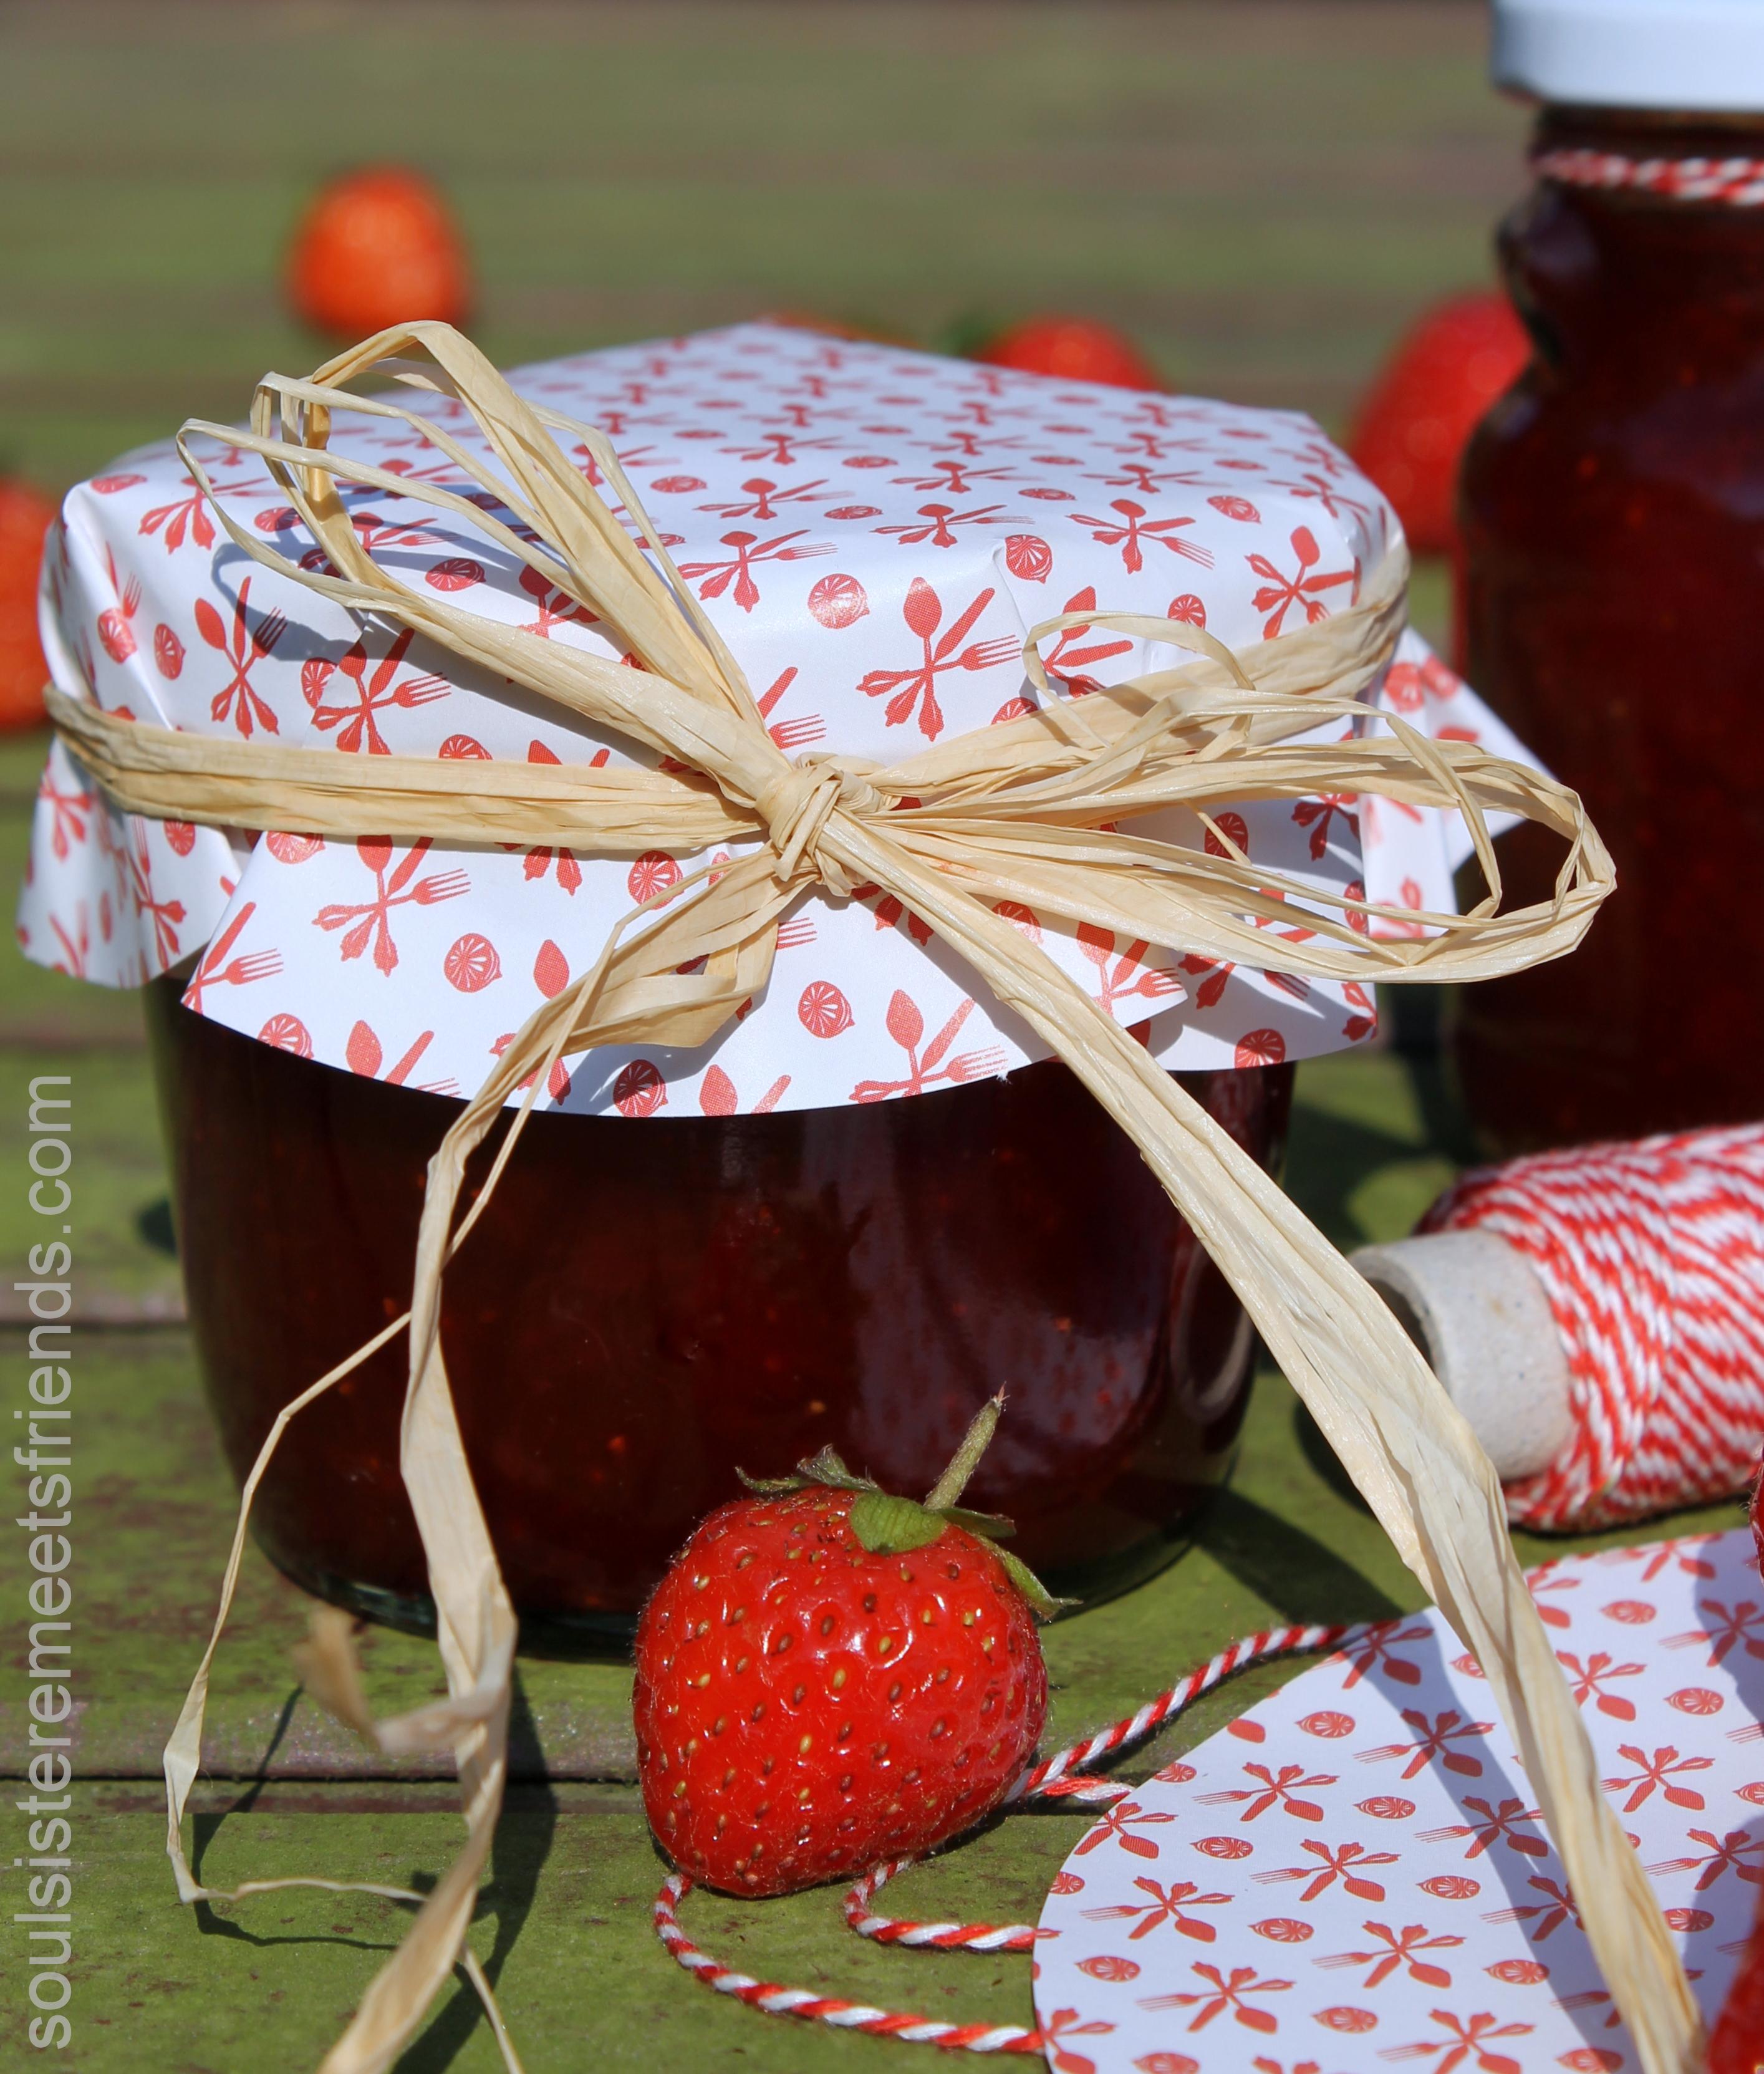 Marmelade flach